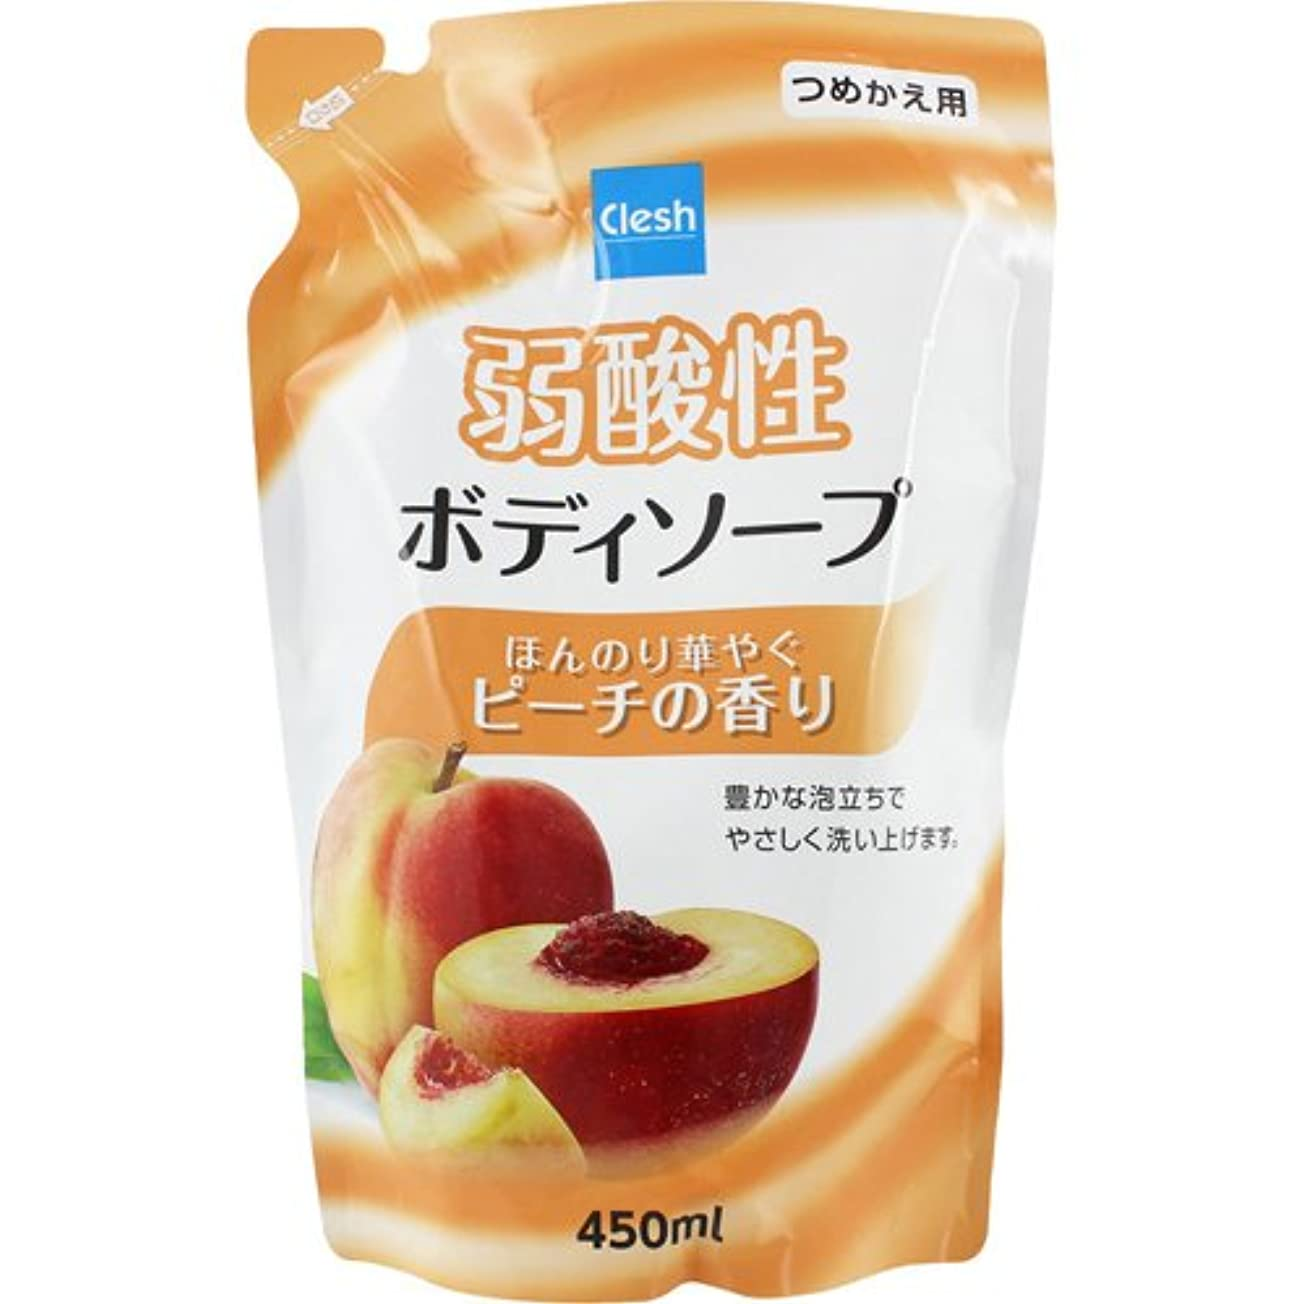 可愛い称賛解釈するClesh(クレシュ) 弱酸性ボディソープ ピーチの香り つめかえ用 450ml